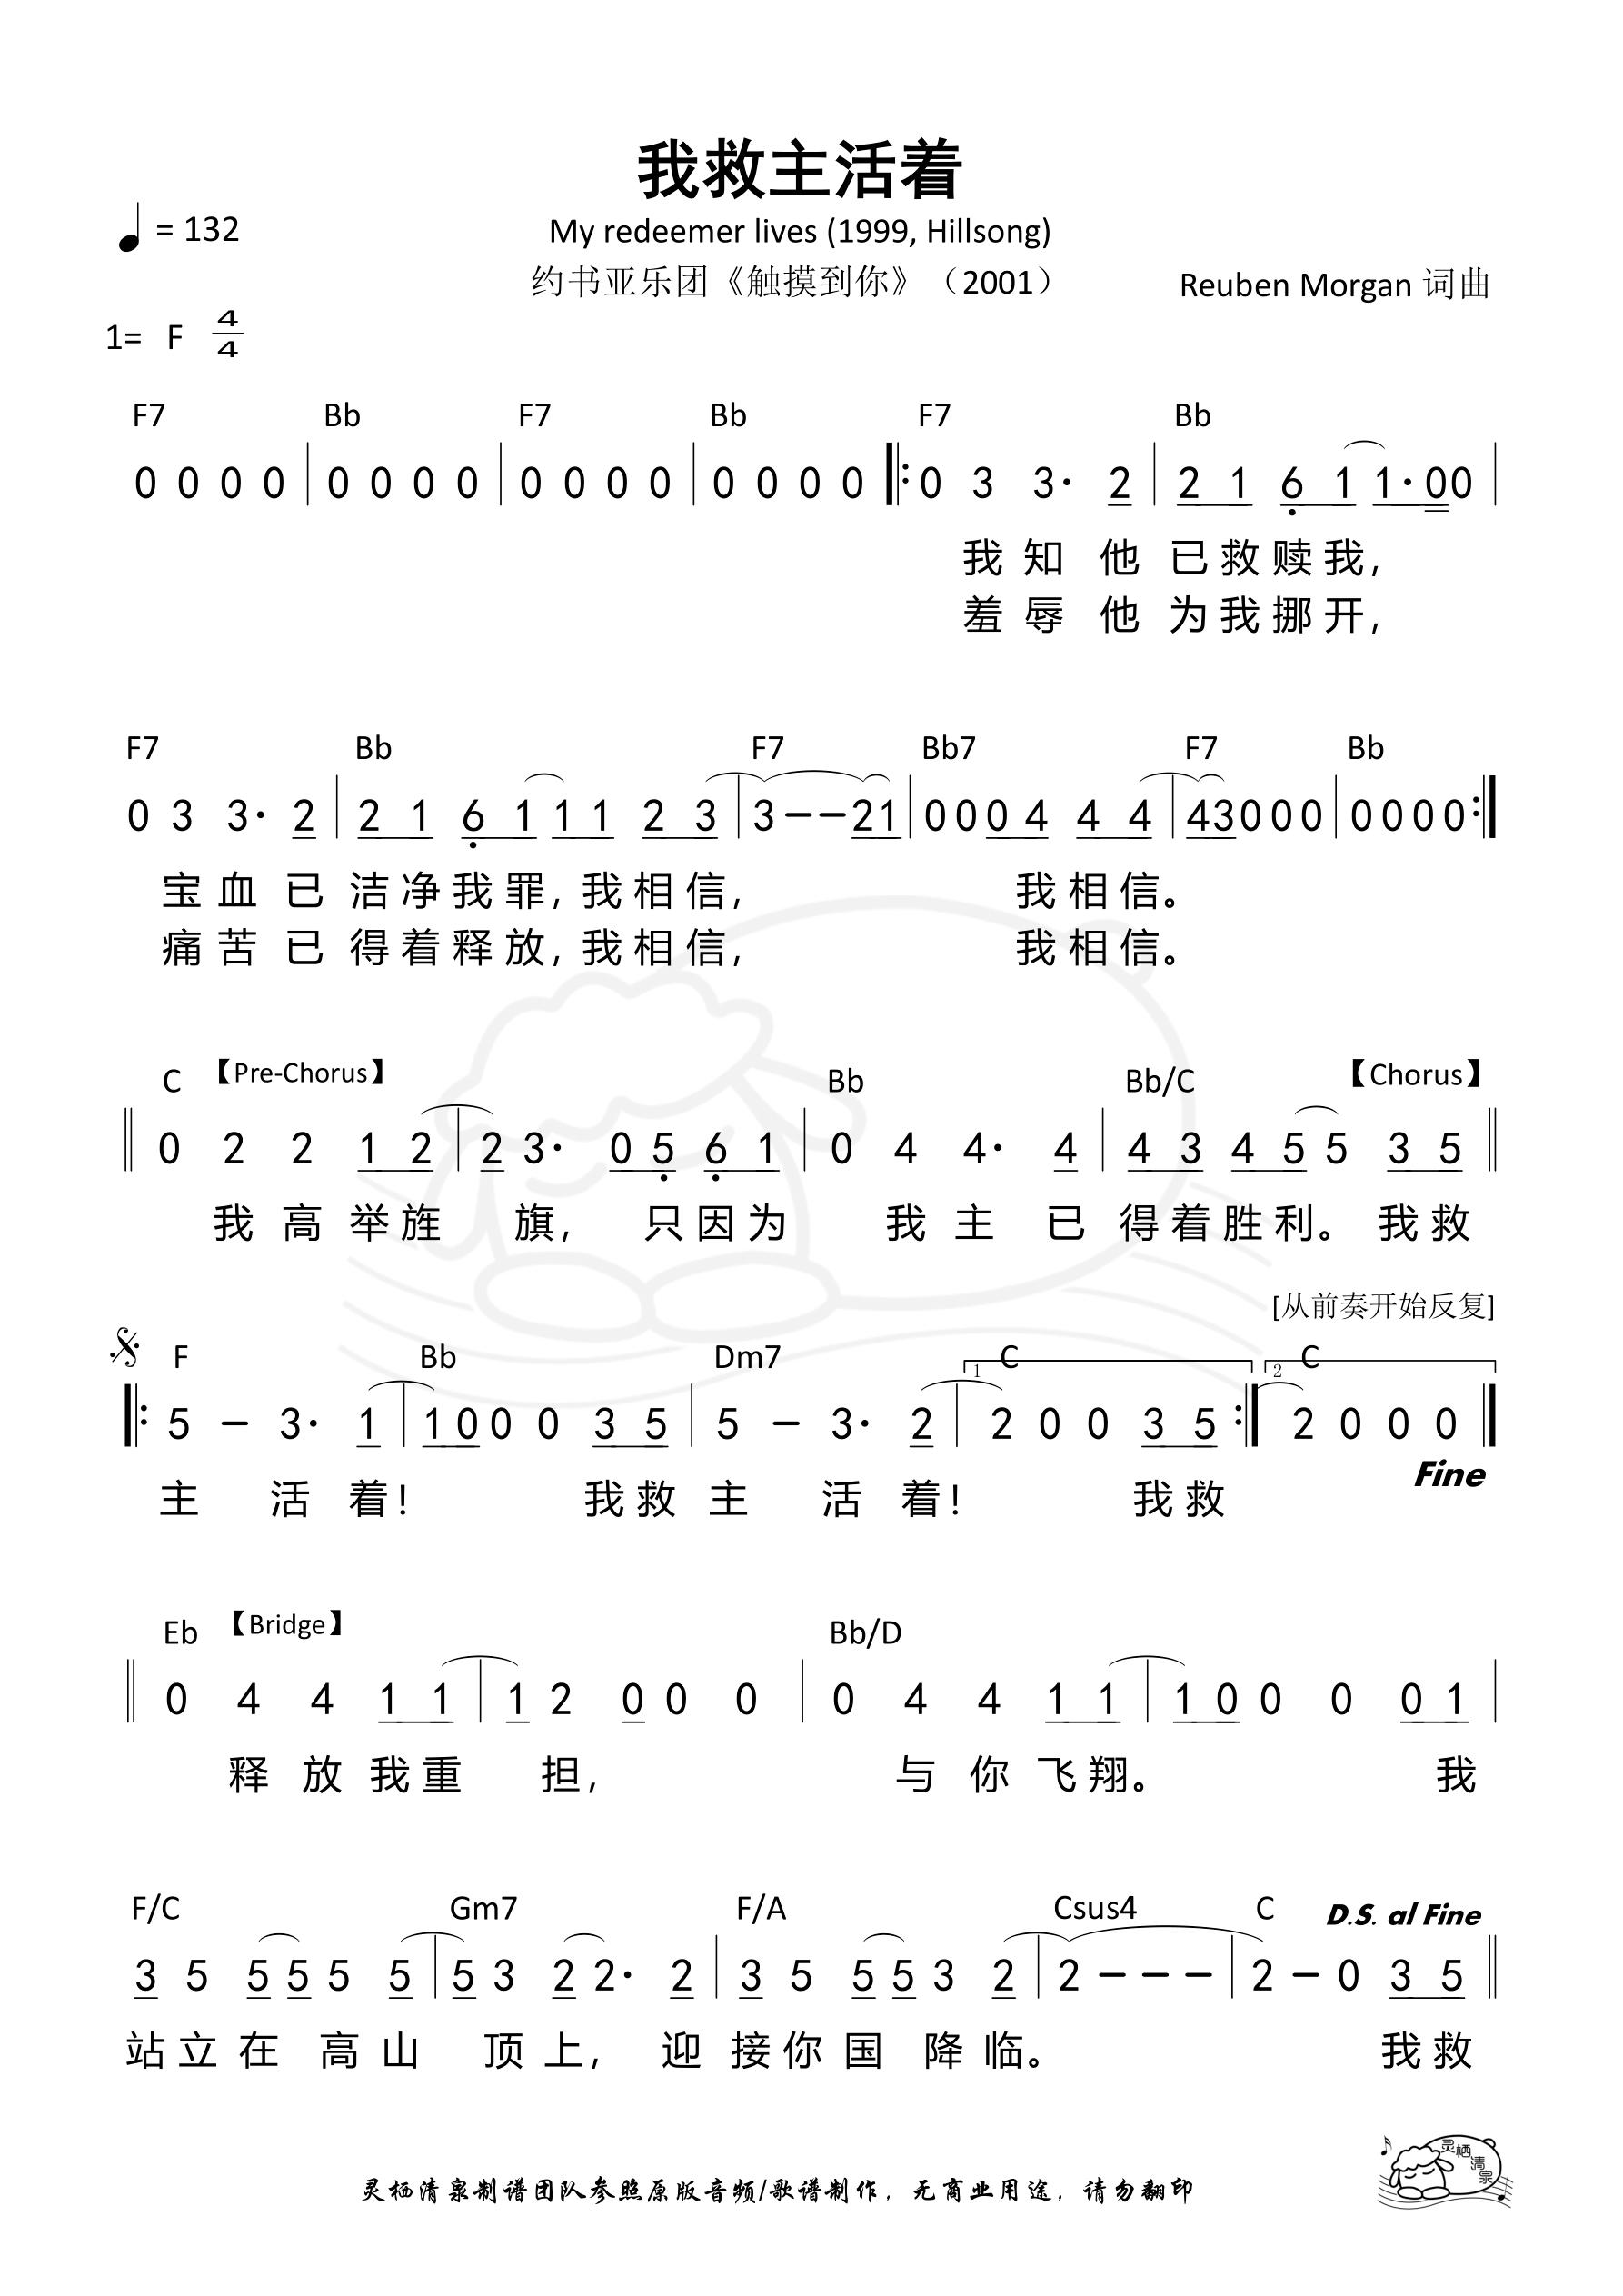 《第6首 - 我救主活着 和弦简谱》